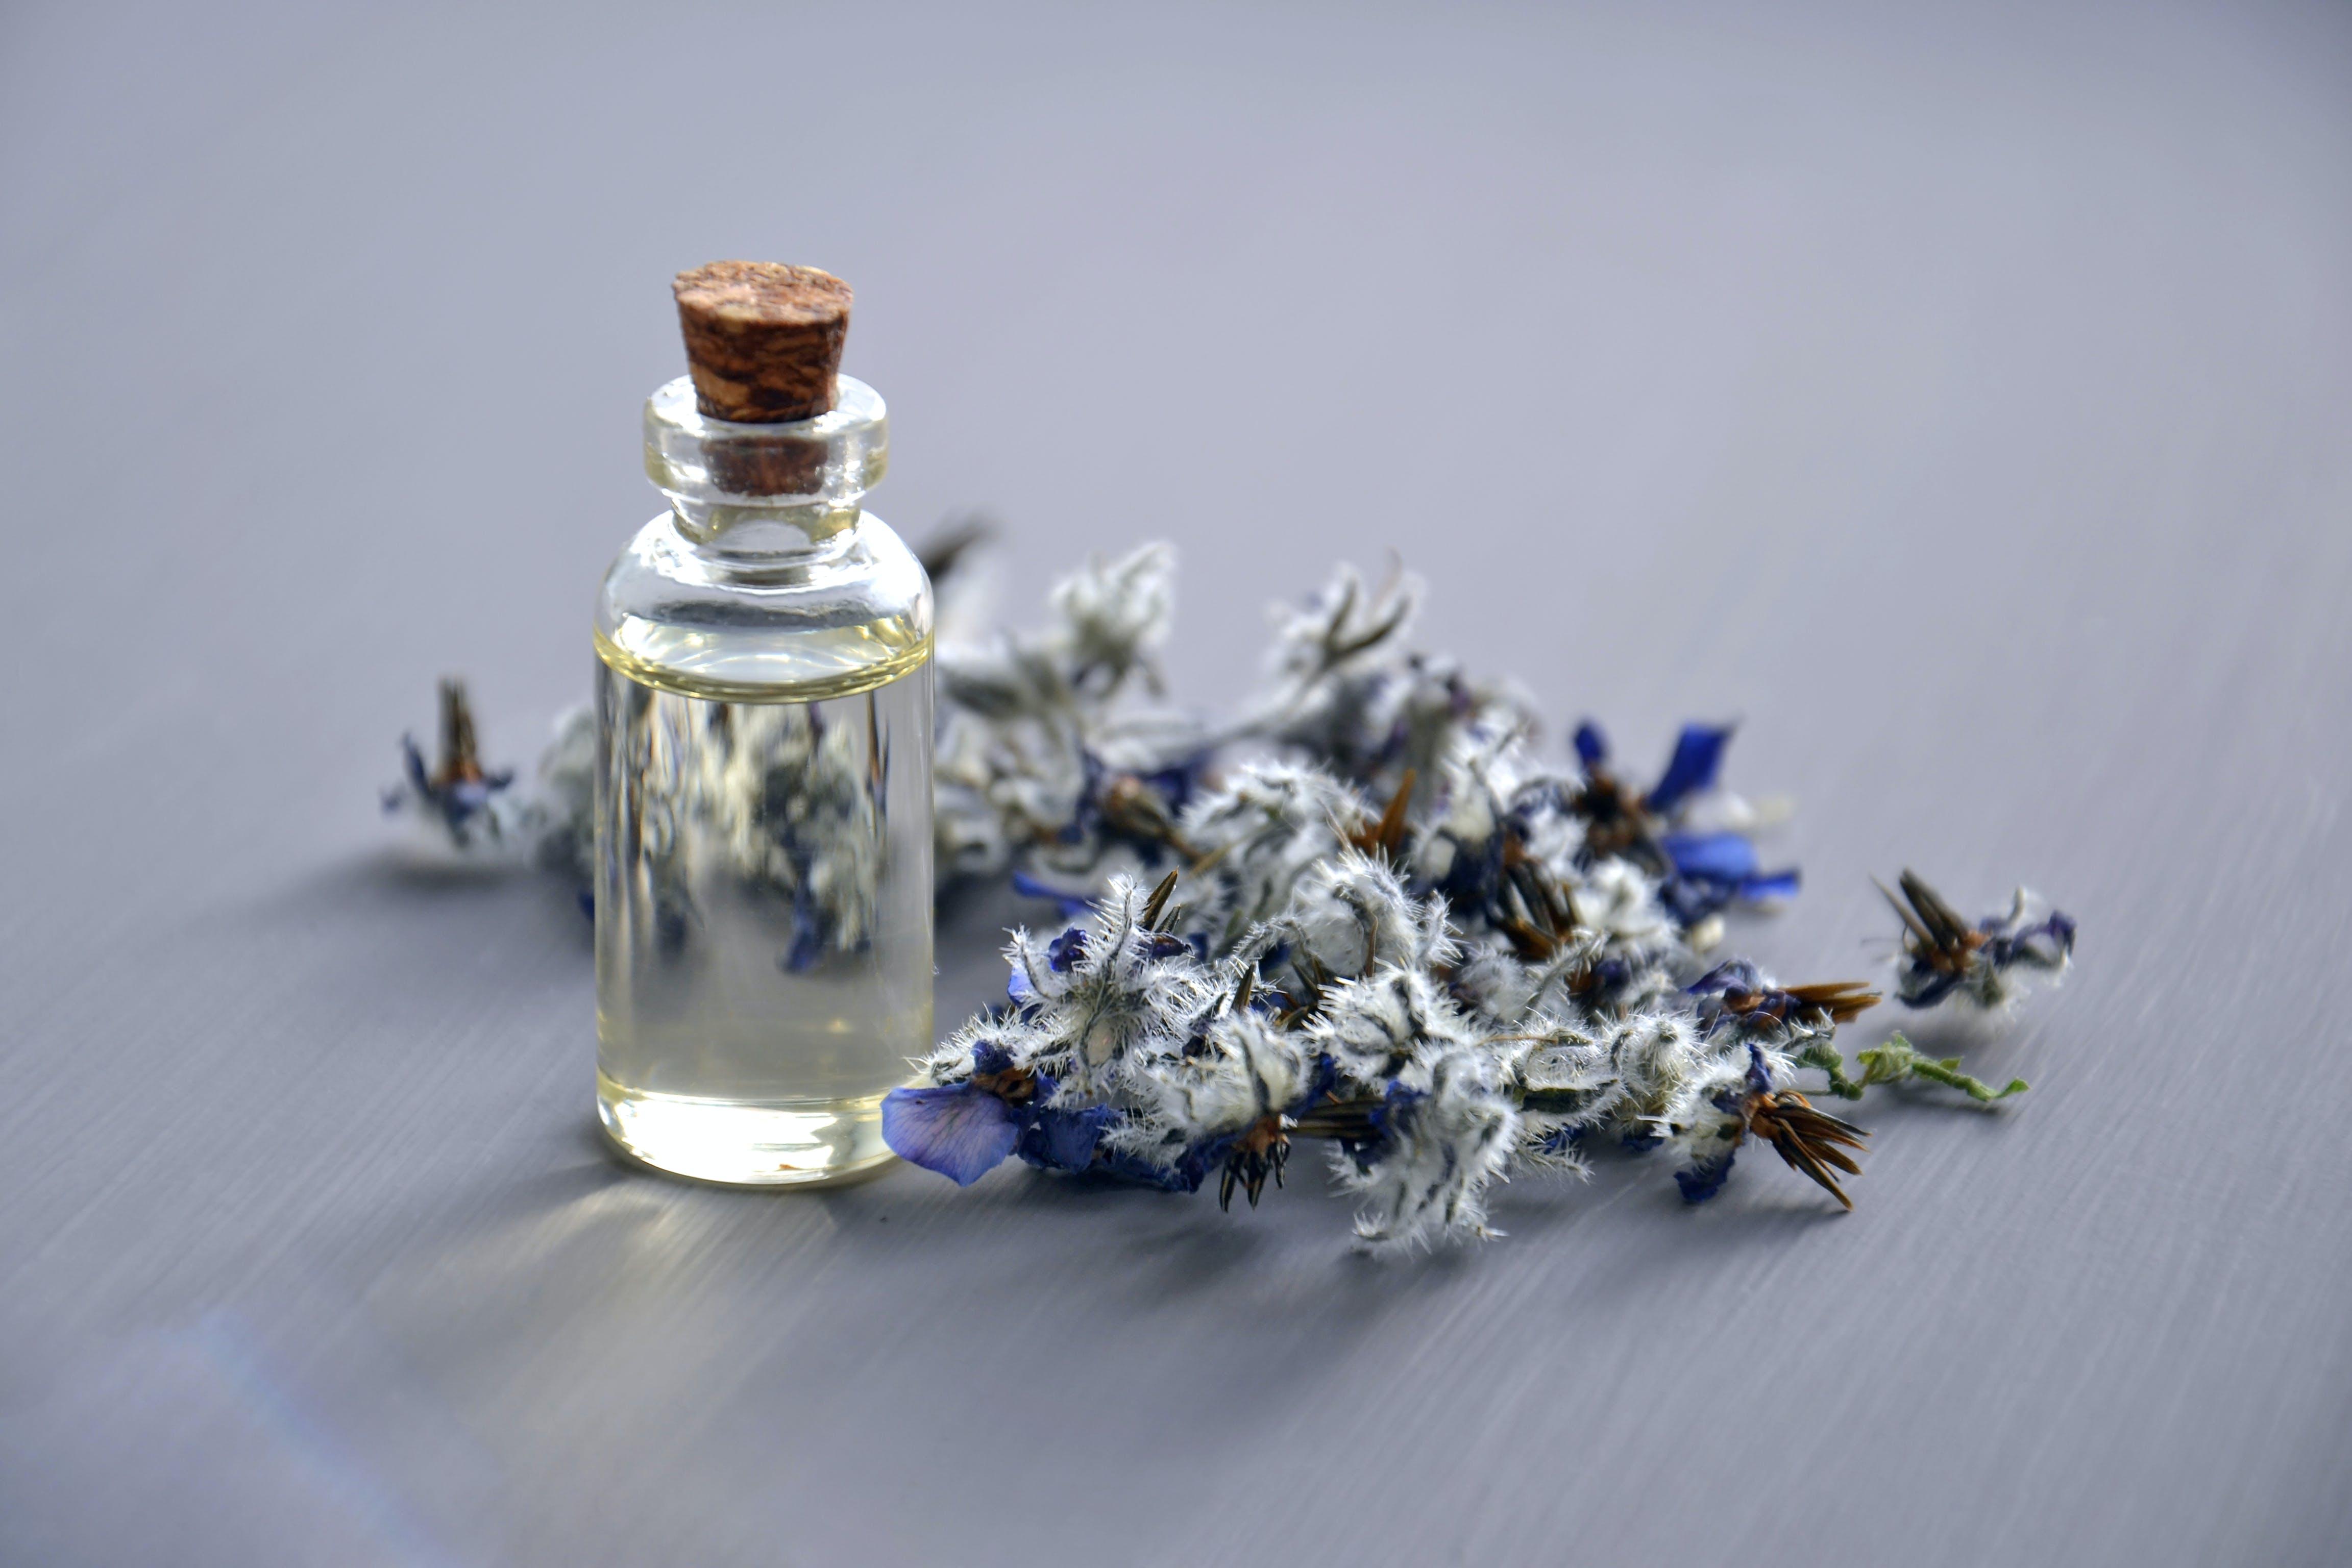 Kostenloses Stock Foto zu aromatherapie, aromatisch, blumen, container